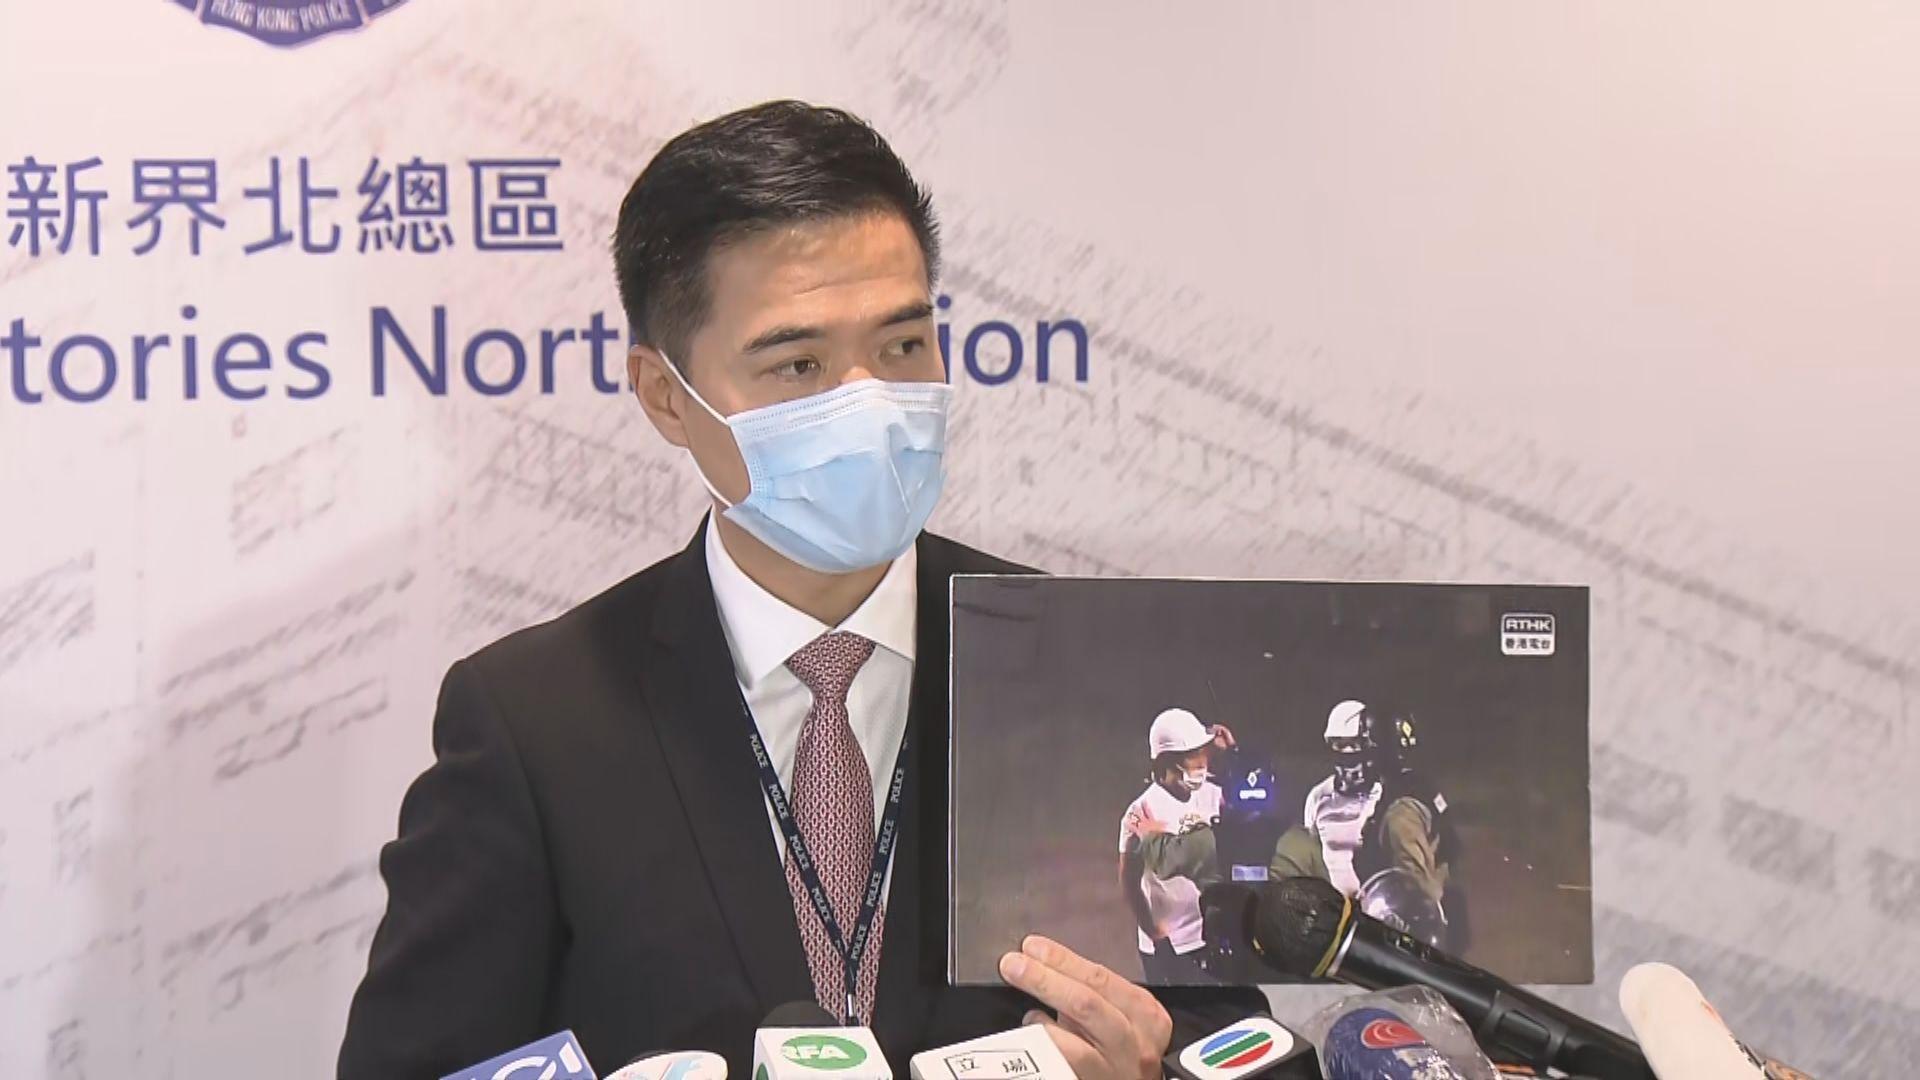 警方指721當晚非無差別襲擊事件